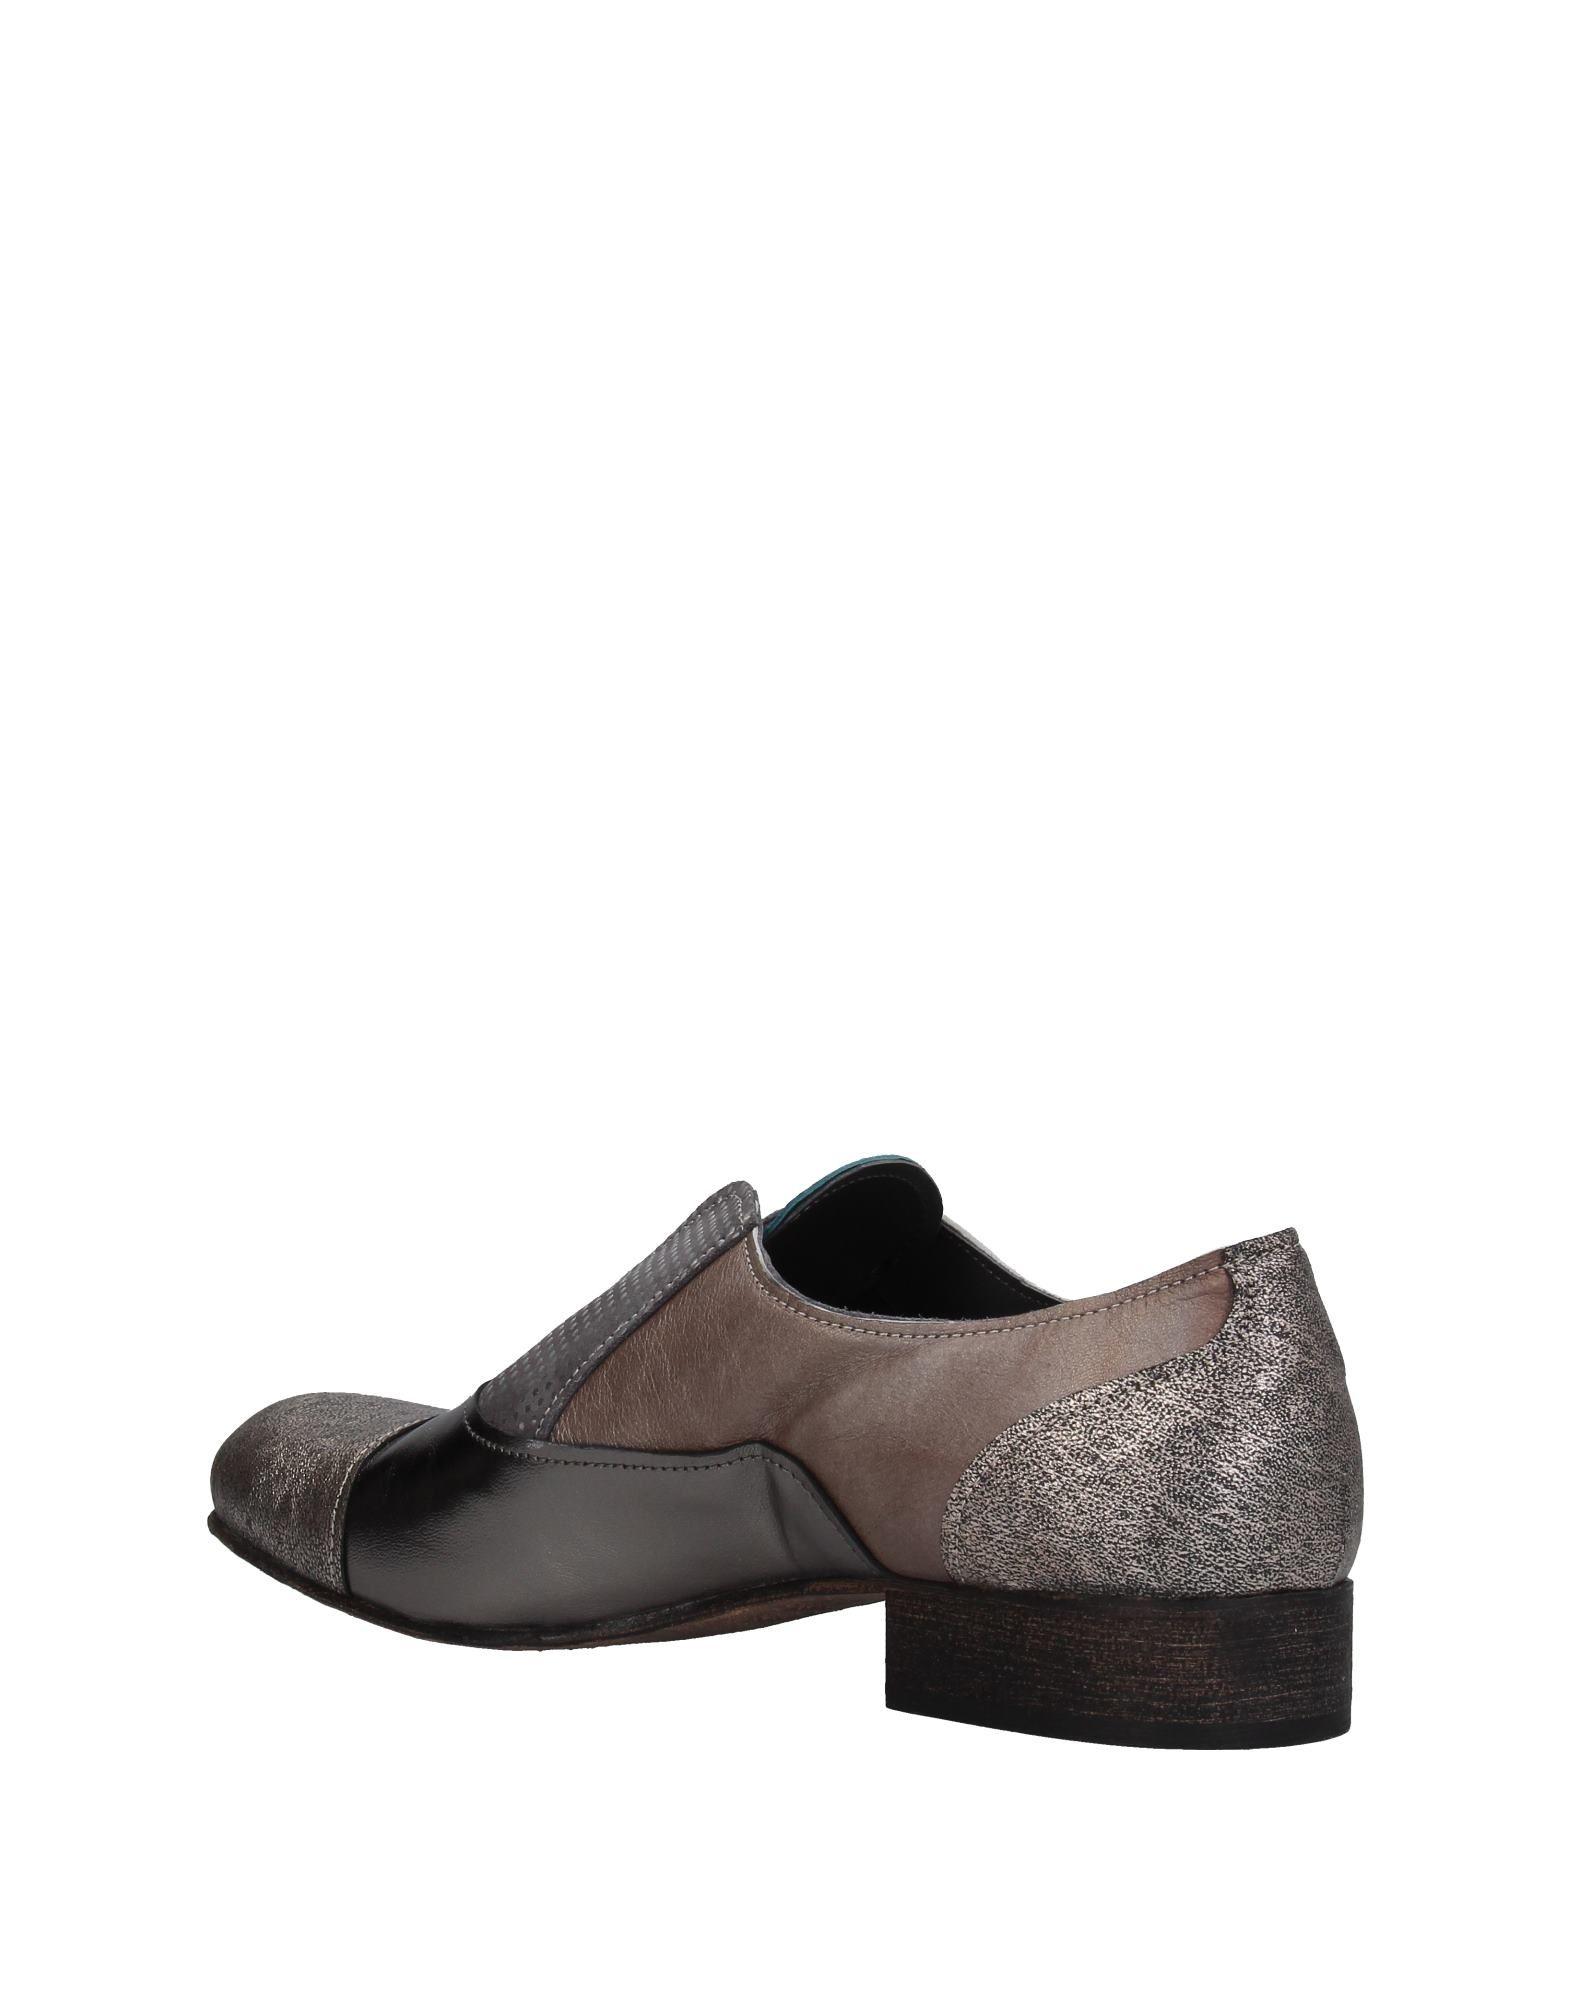 Rabatt Herren echte Schuhe Ebarrito Mokassins Herren Rabatt  11401438JA 9f294f